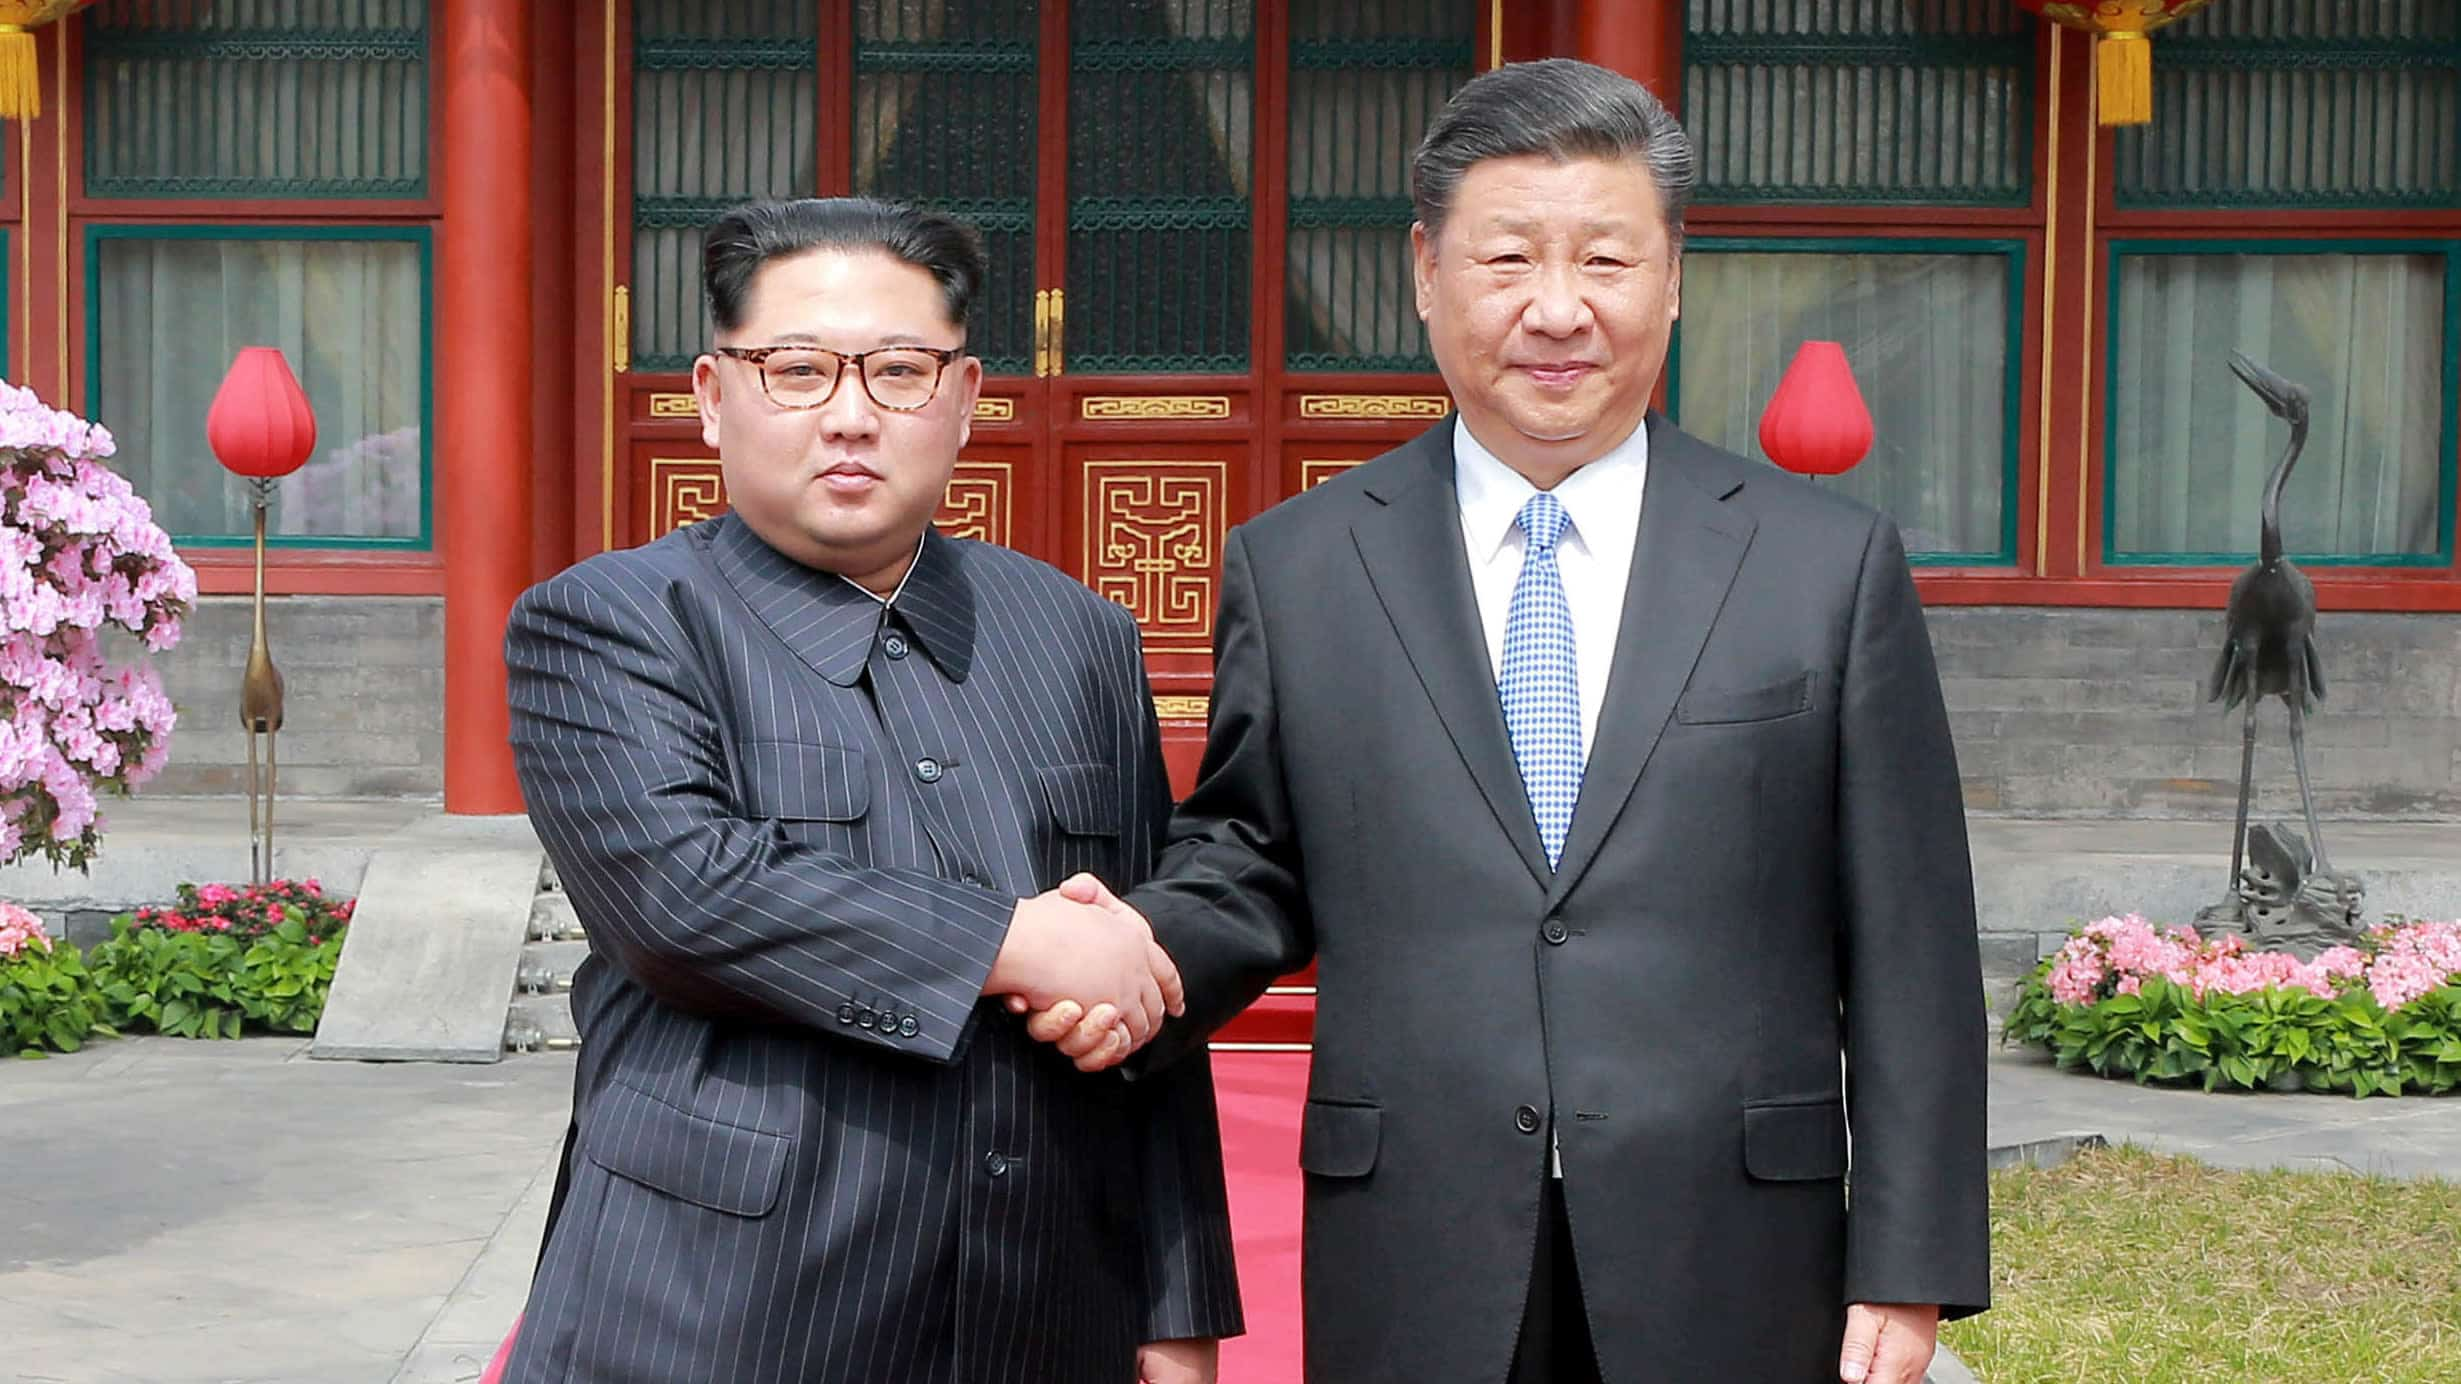 presidente chinês felicita líder norte-coreano pela reeleição - Xi Jinping felicitou e Kim Jong un - Presidente chinês felicita líder norte-coreano pela reeleição